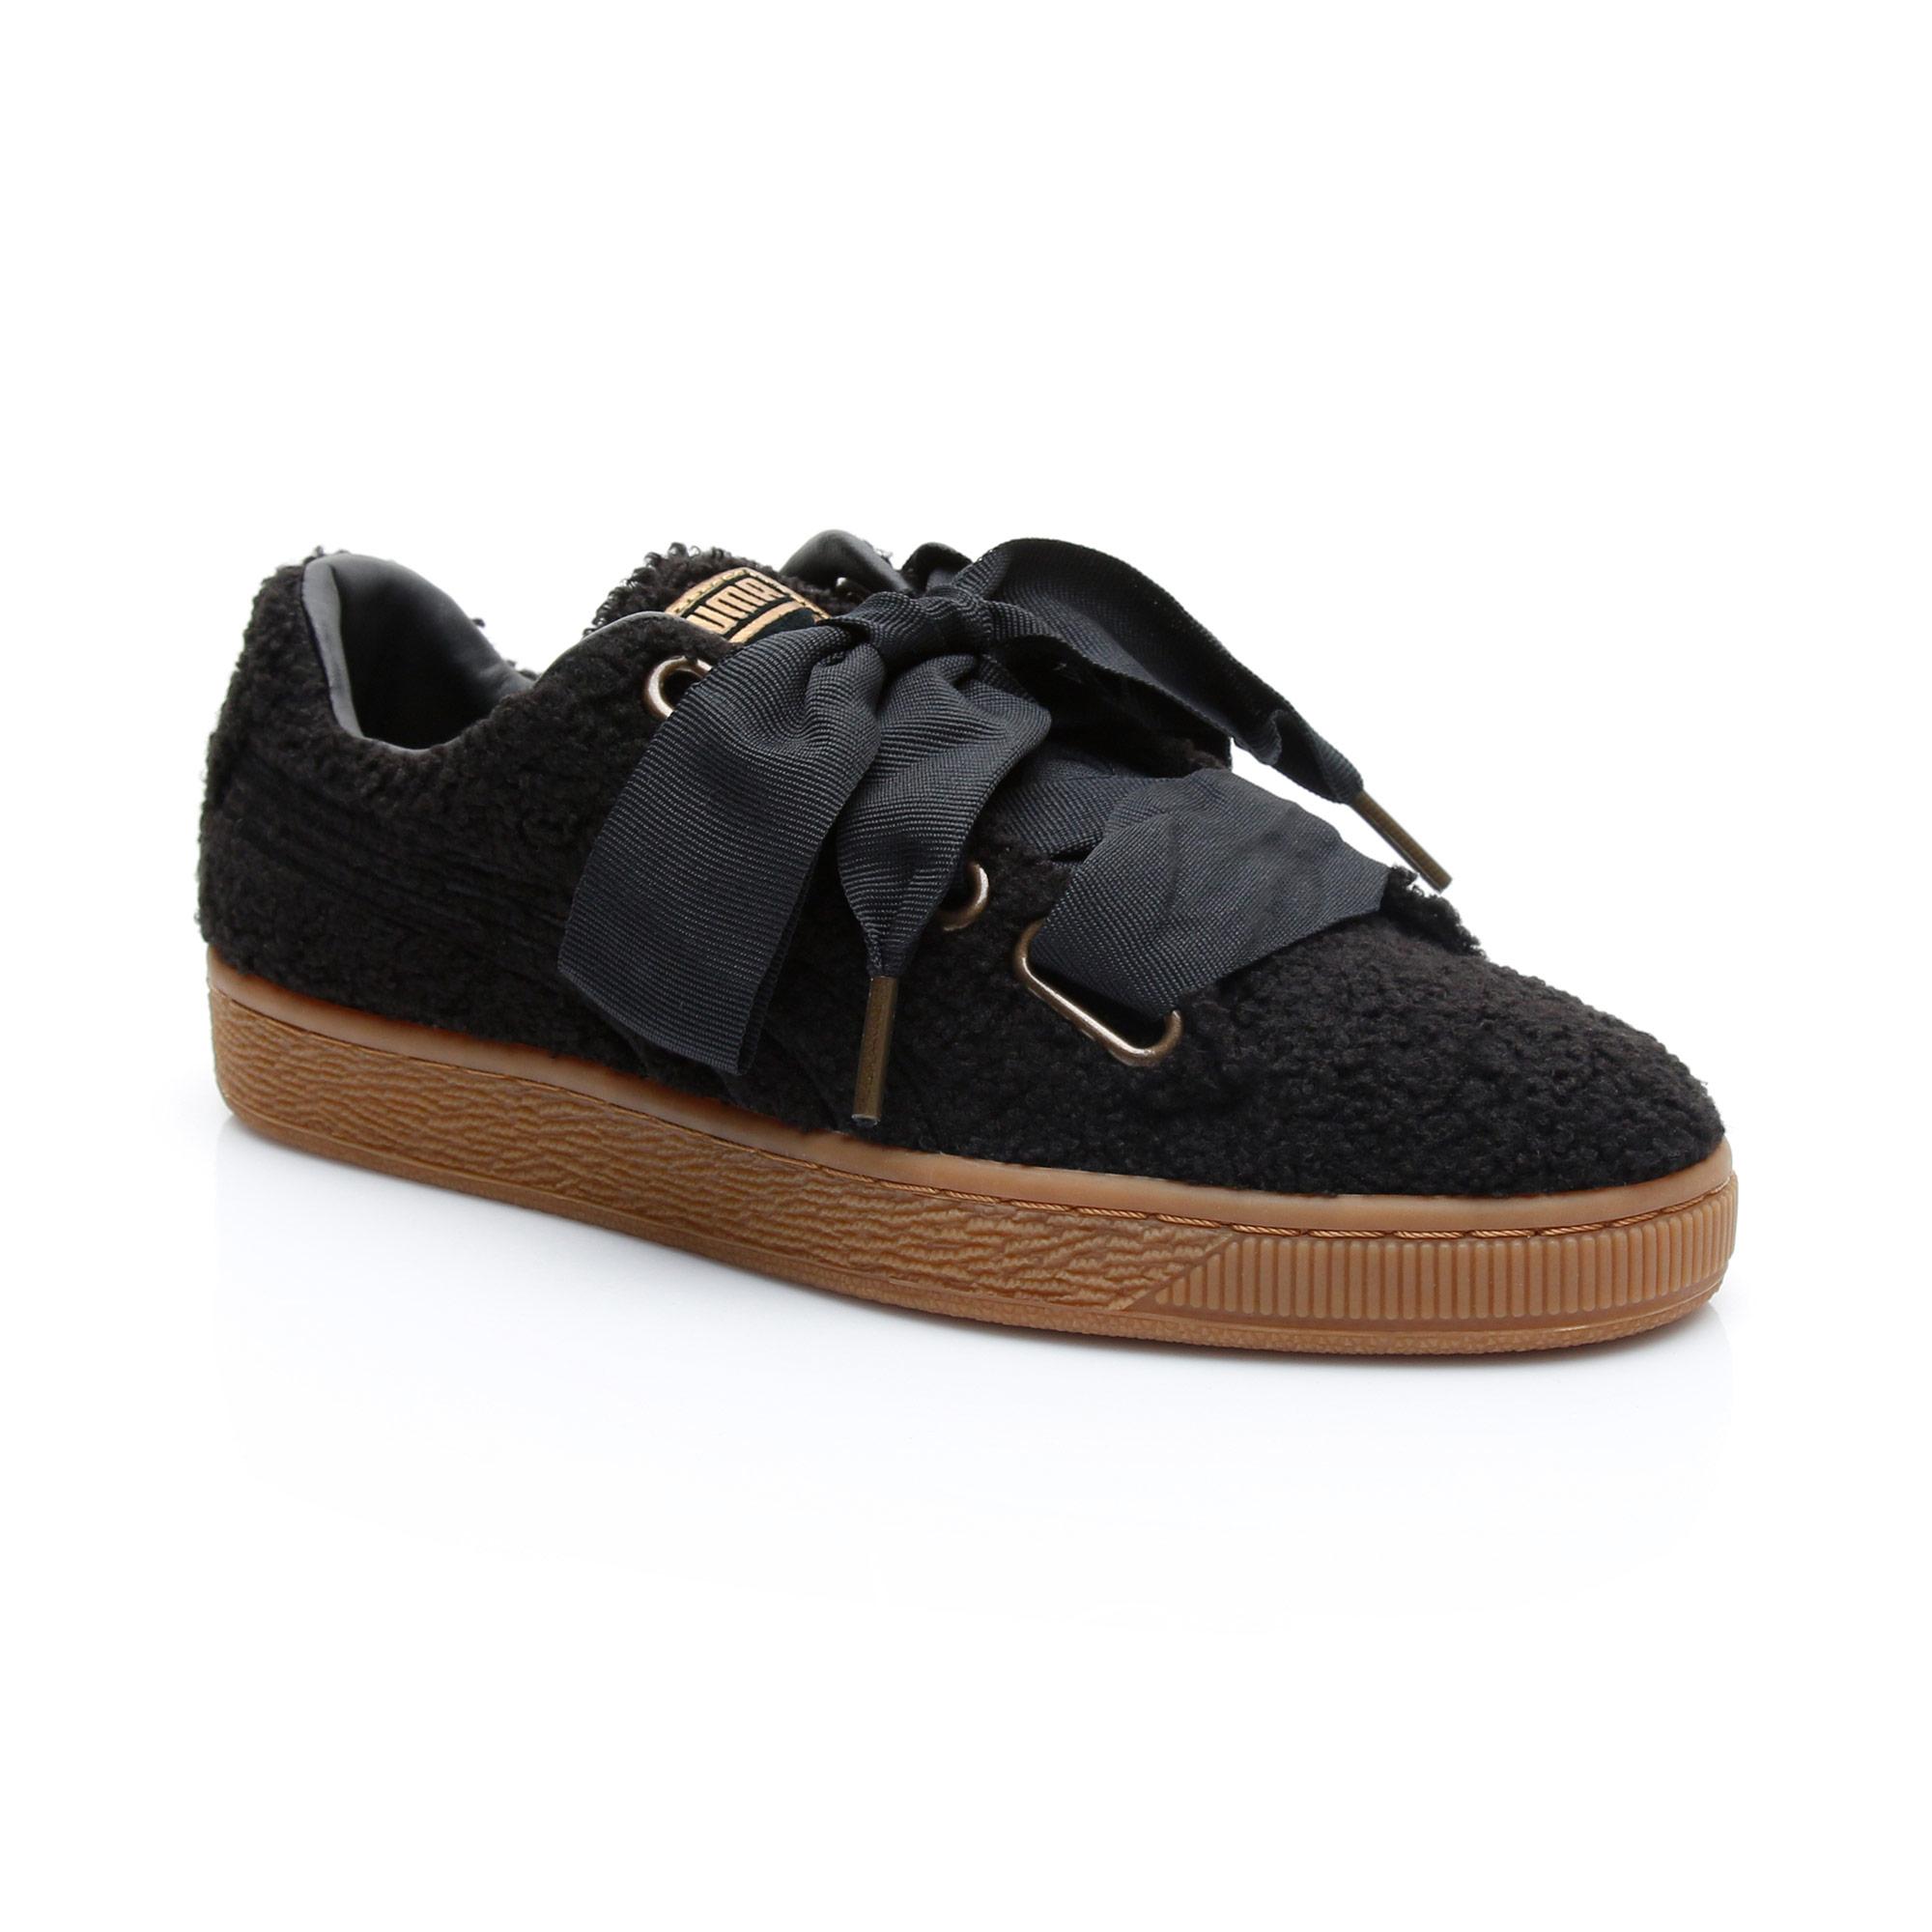 Puma Basket Kadın Siyah Ayakkabı